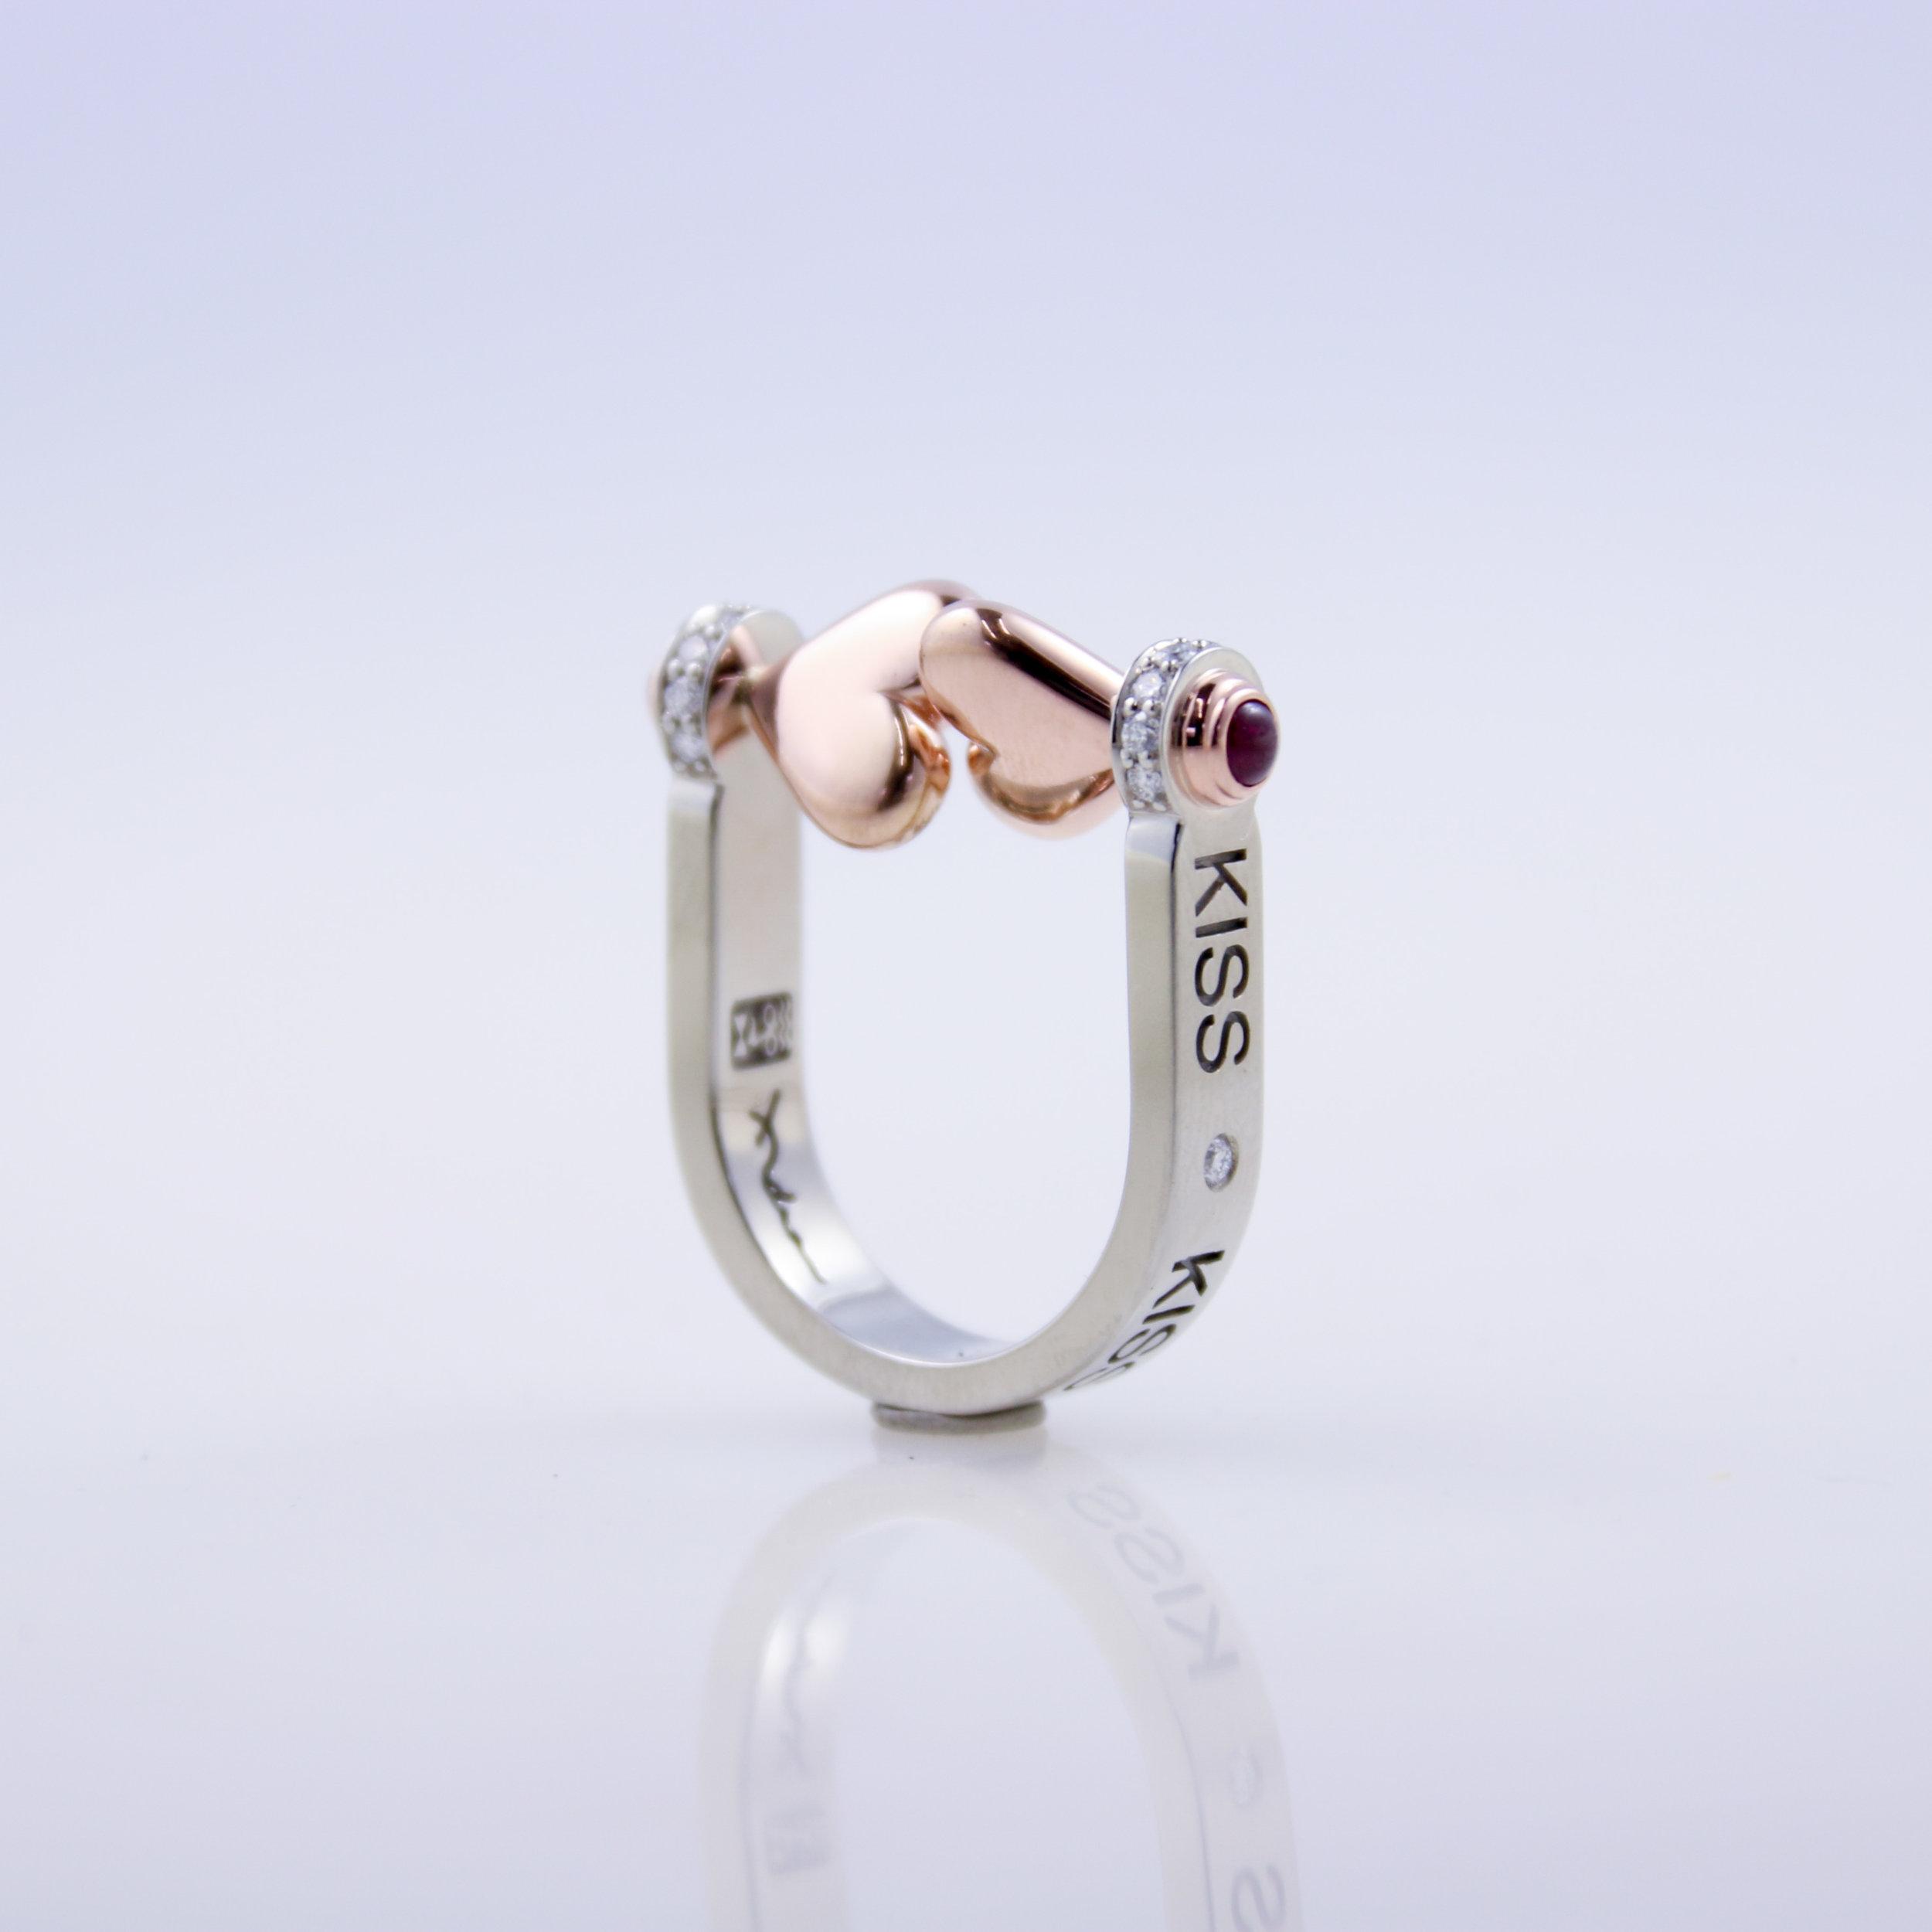 Kiss Ring   white gold, rose gold, garnet